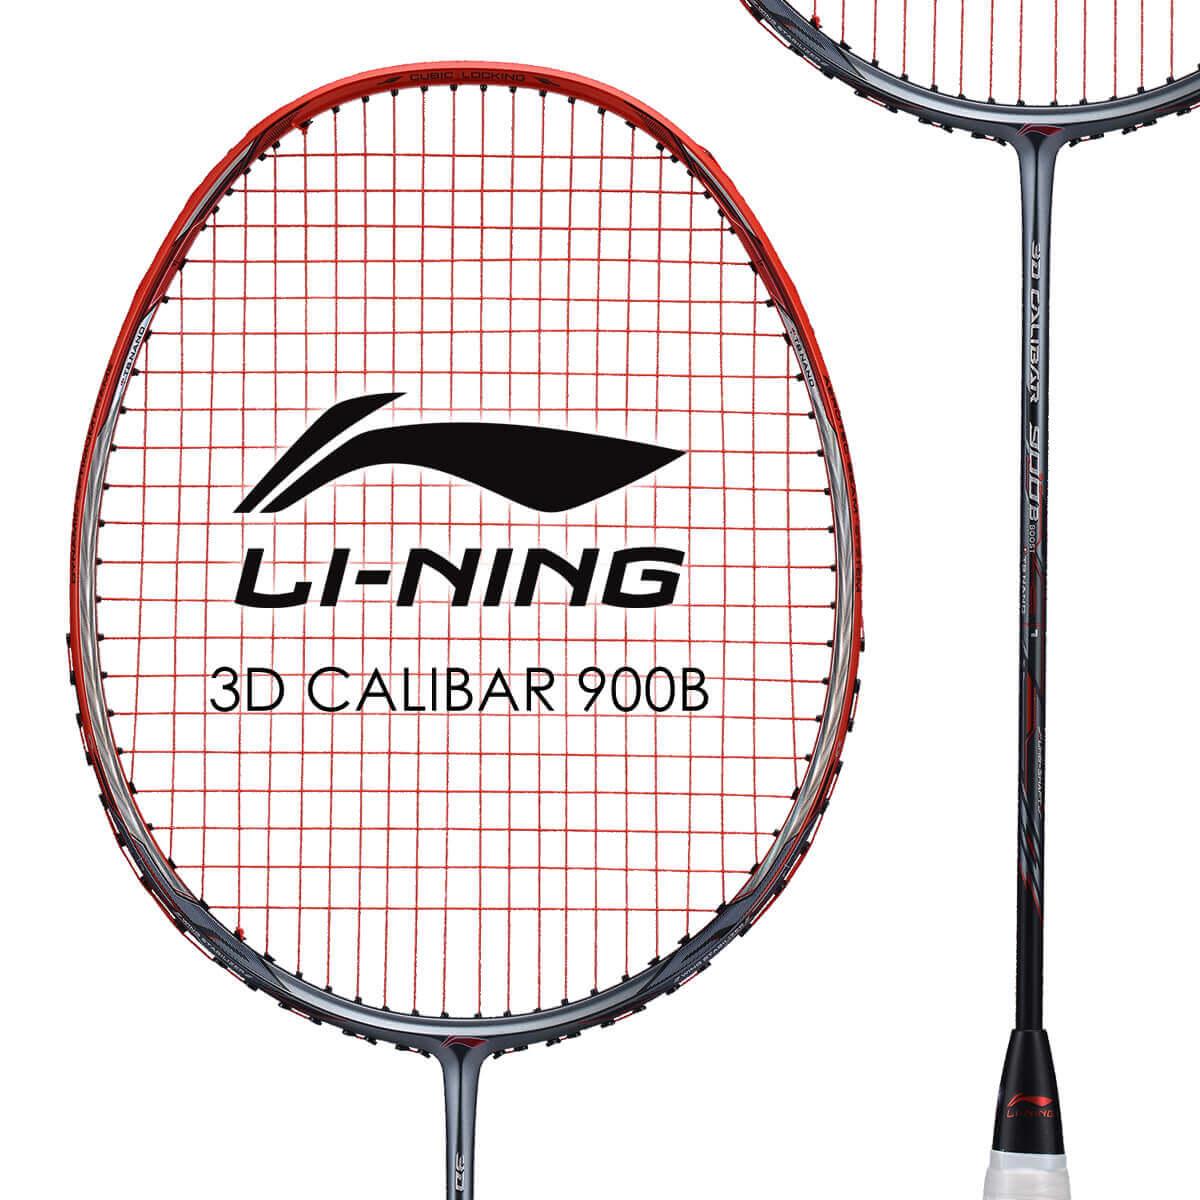 LI-NING 3D CALIBAR 900B(3D-C900B) 立体風刃 AYPM428-1 バドミントンラケット リーニン【オススメガット&ガット張り工賃無料/ 日本バドミントン協会審査合格品】